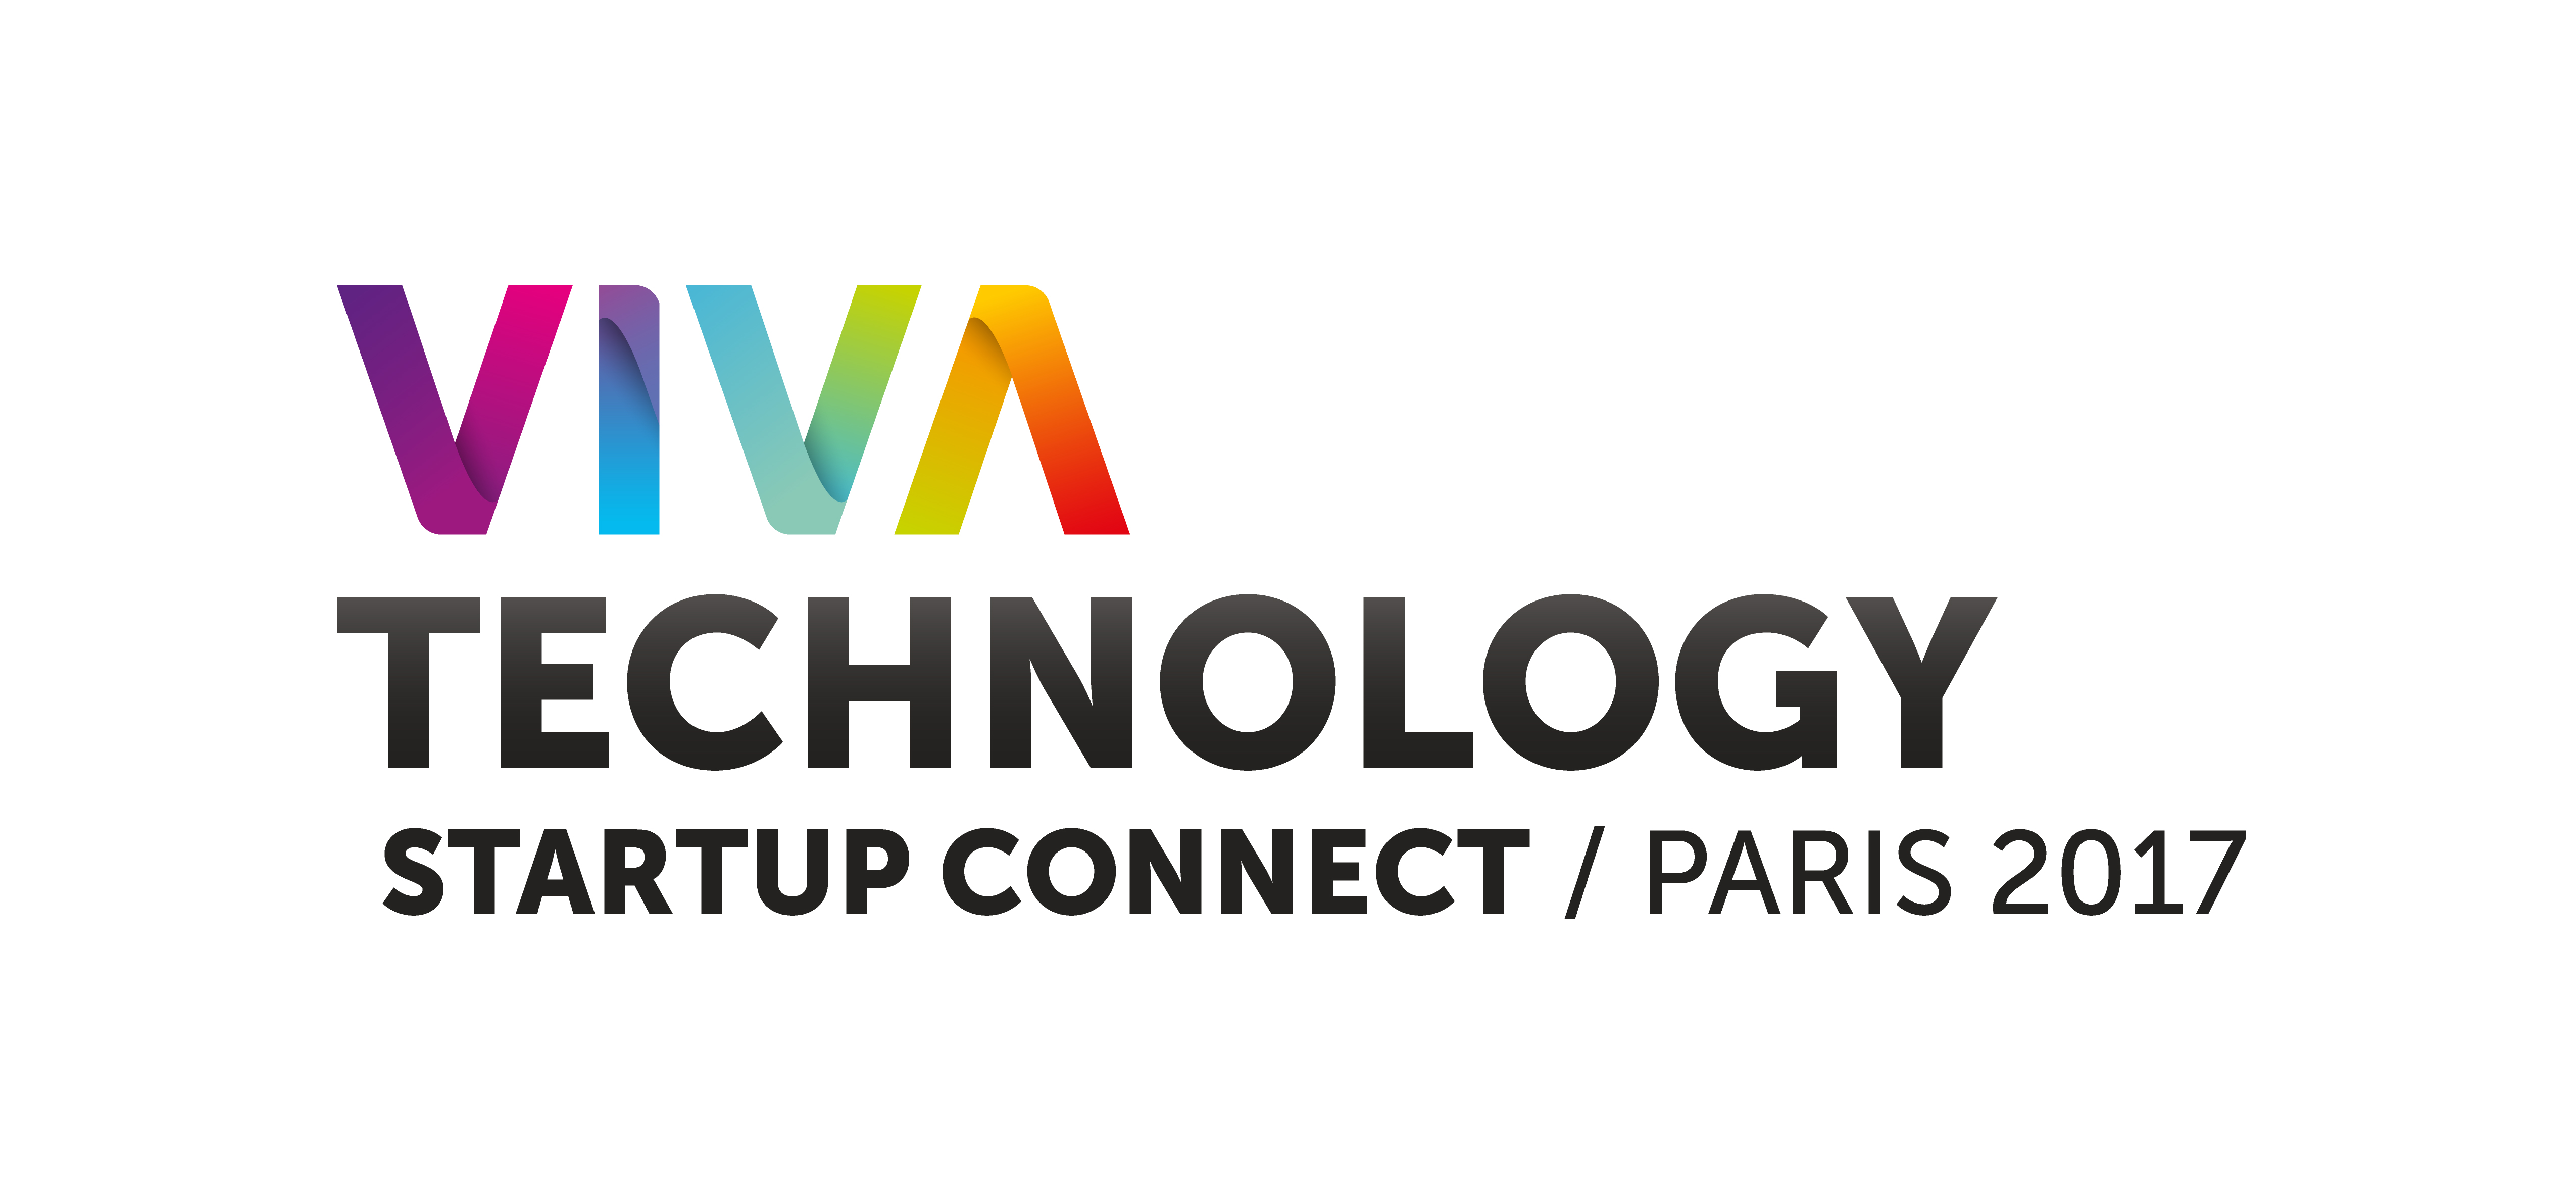 VivaTech - VivaTech : les meilleures technologies présentées au salon